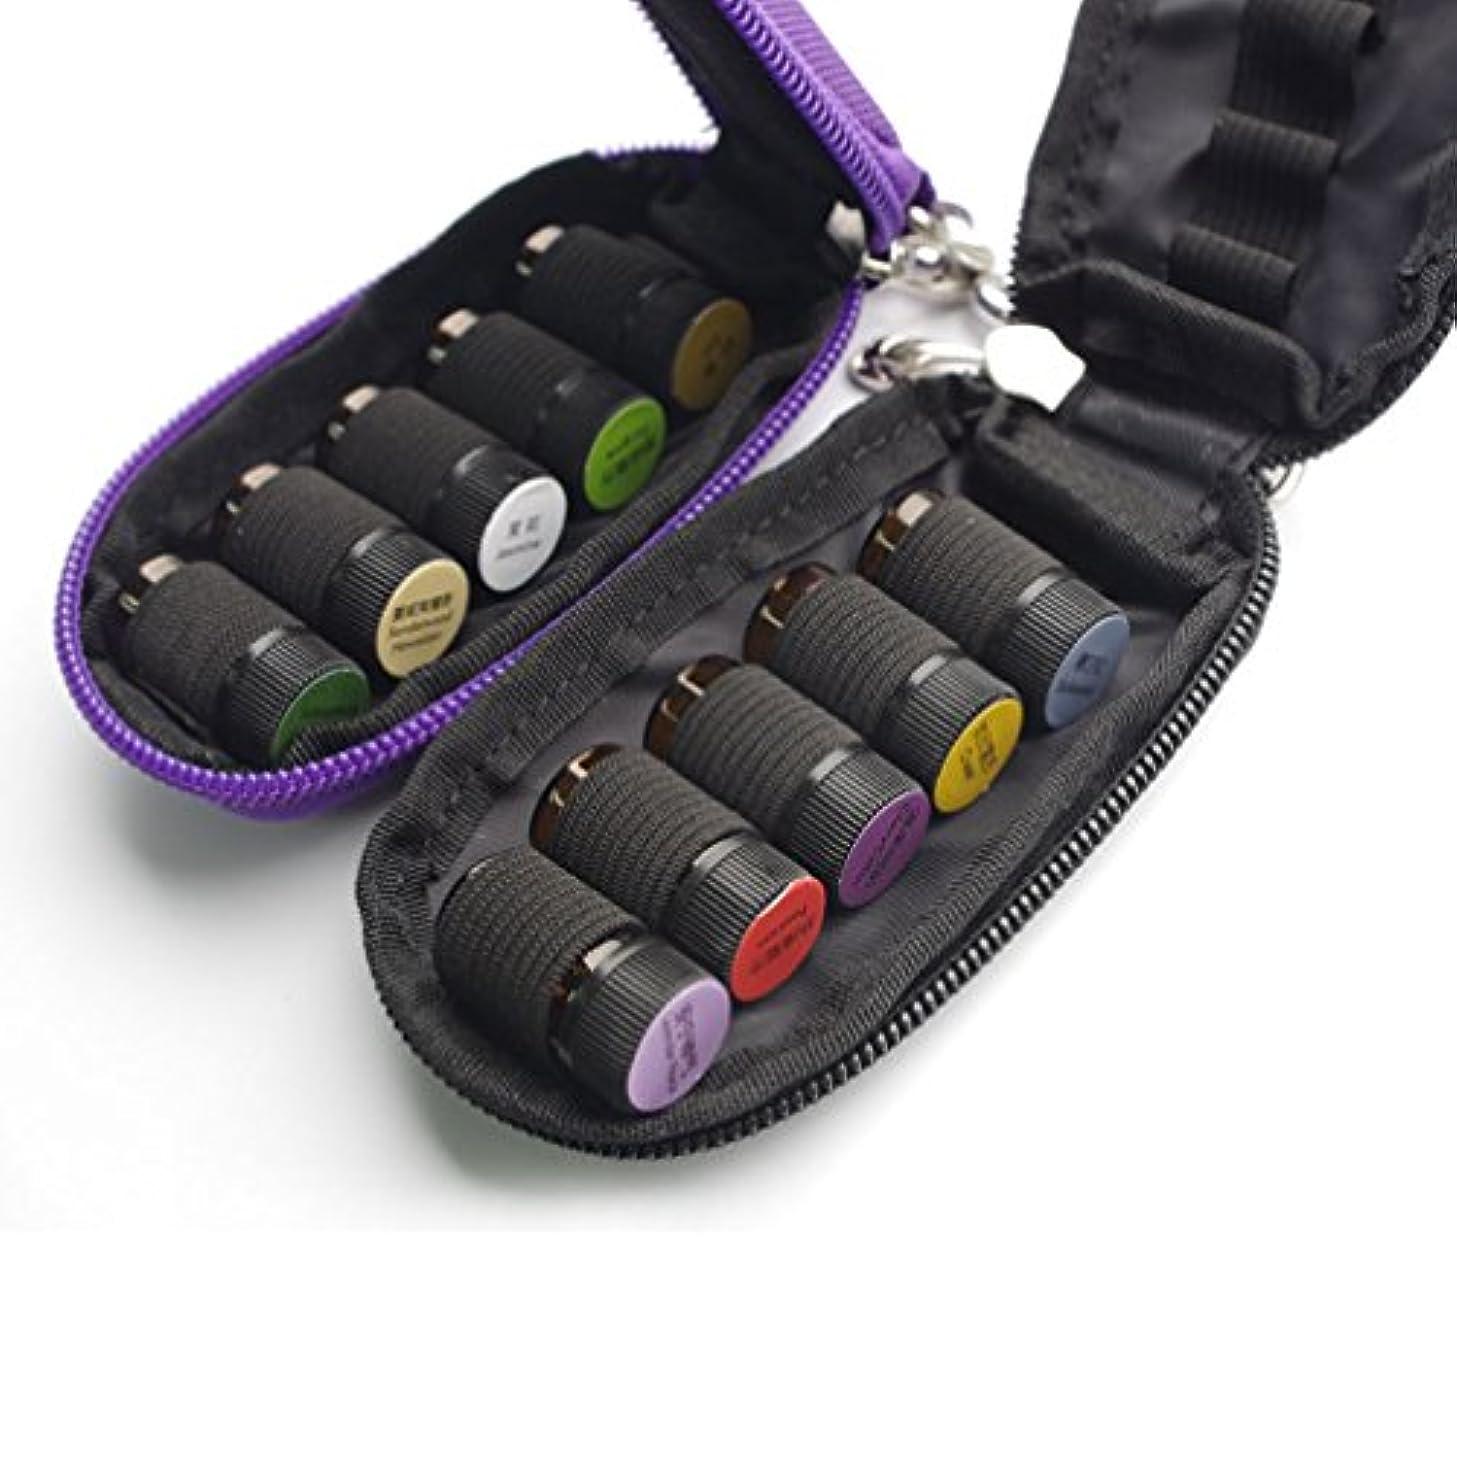 自慢頼るしなやかBEE&BLUE アロマポーチ エッセンシャルオイル ケース 携帯用 アロマケース メイクポーチ 精油ケース 10本用